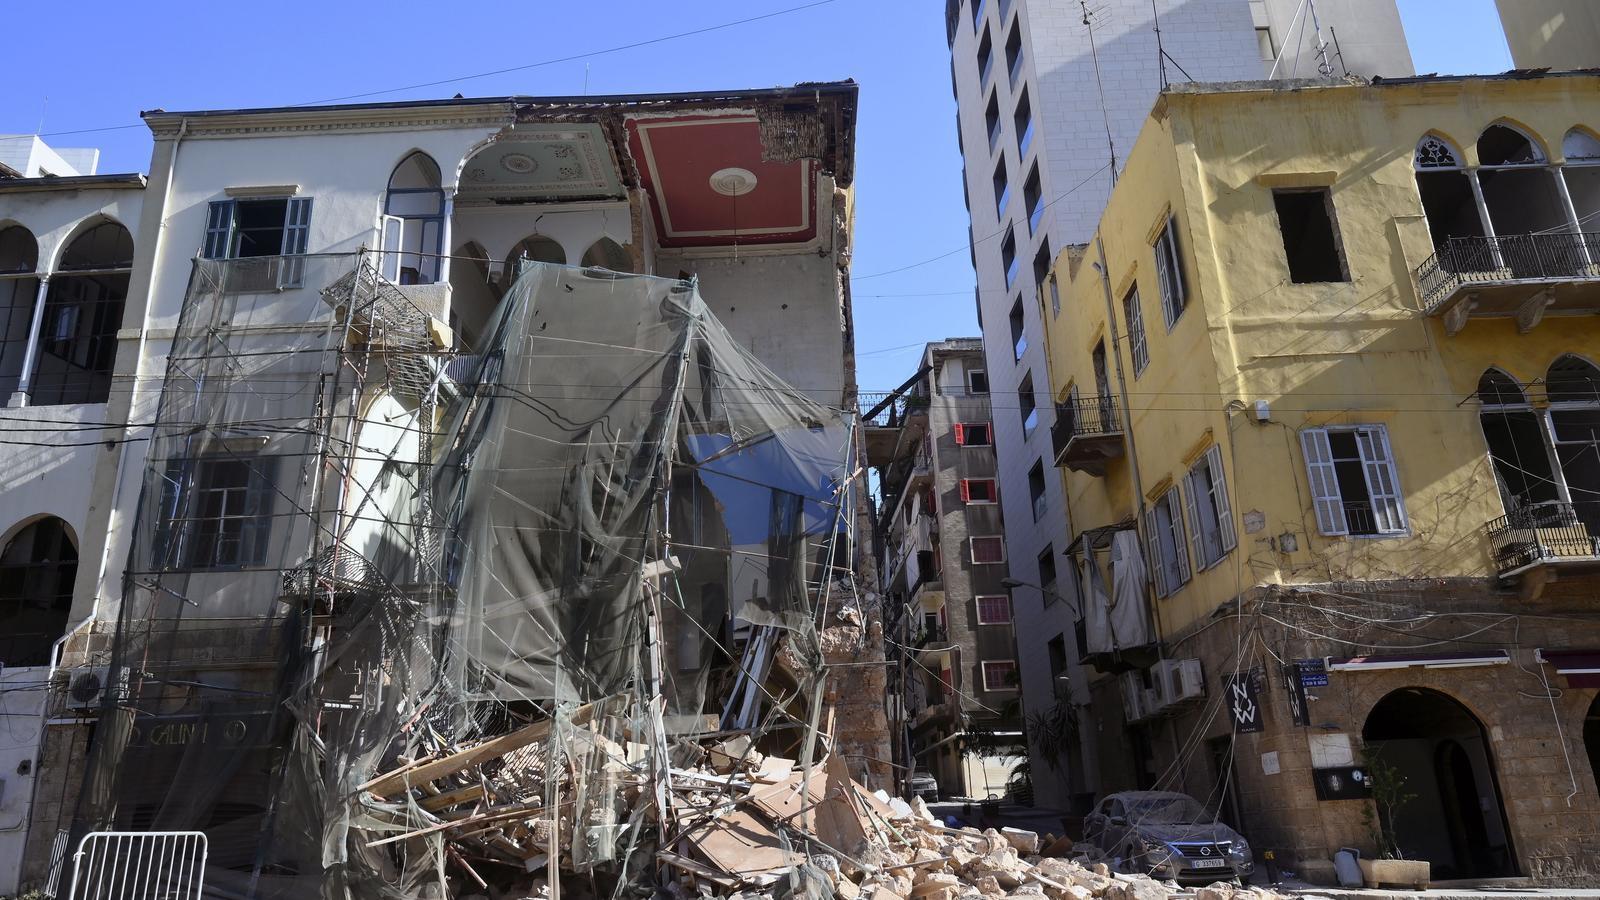 Estat en què ha quedat un dels edificis de Beirut després de la brutal explosió al port